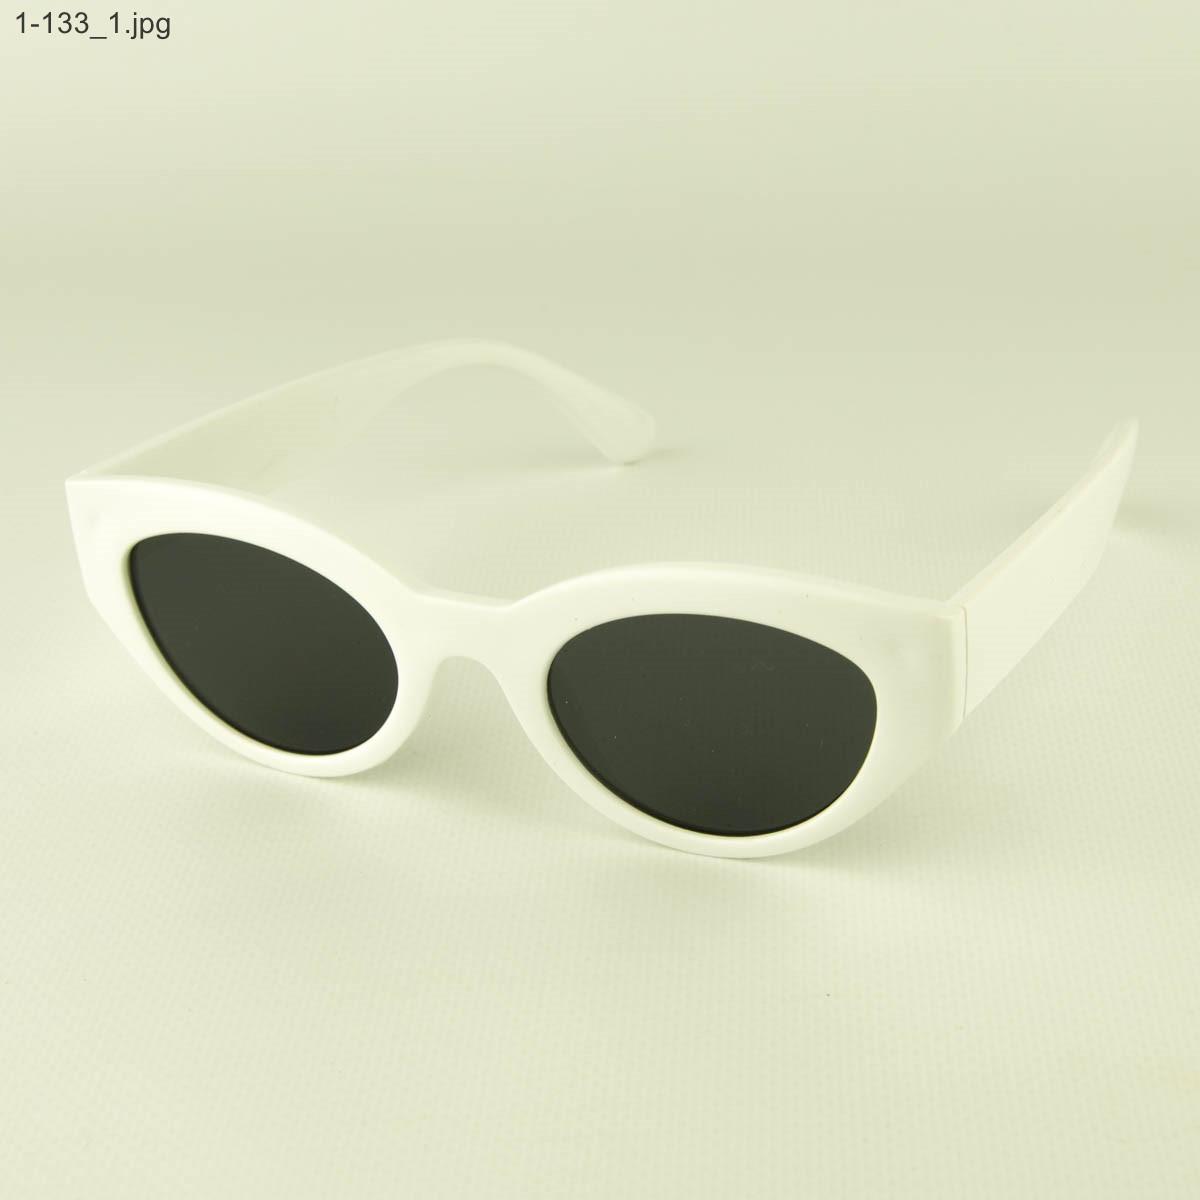 Солнцезащитные очки овальной формы - Белые - 1-133